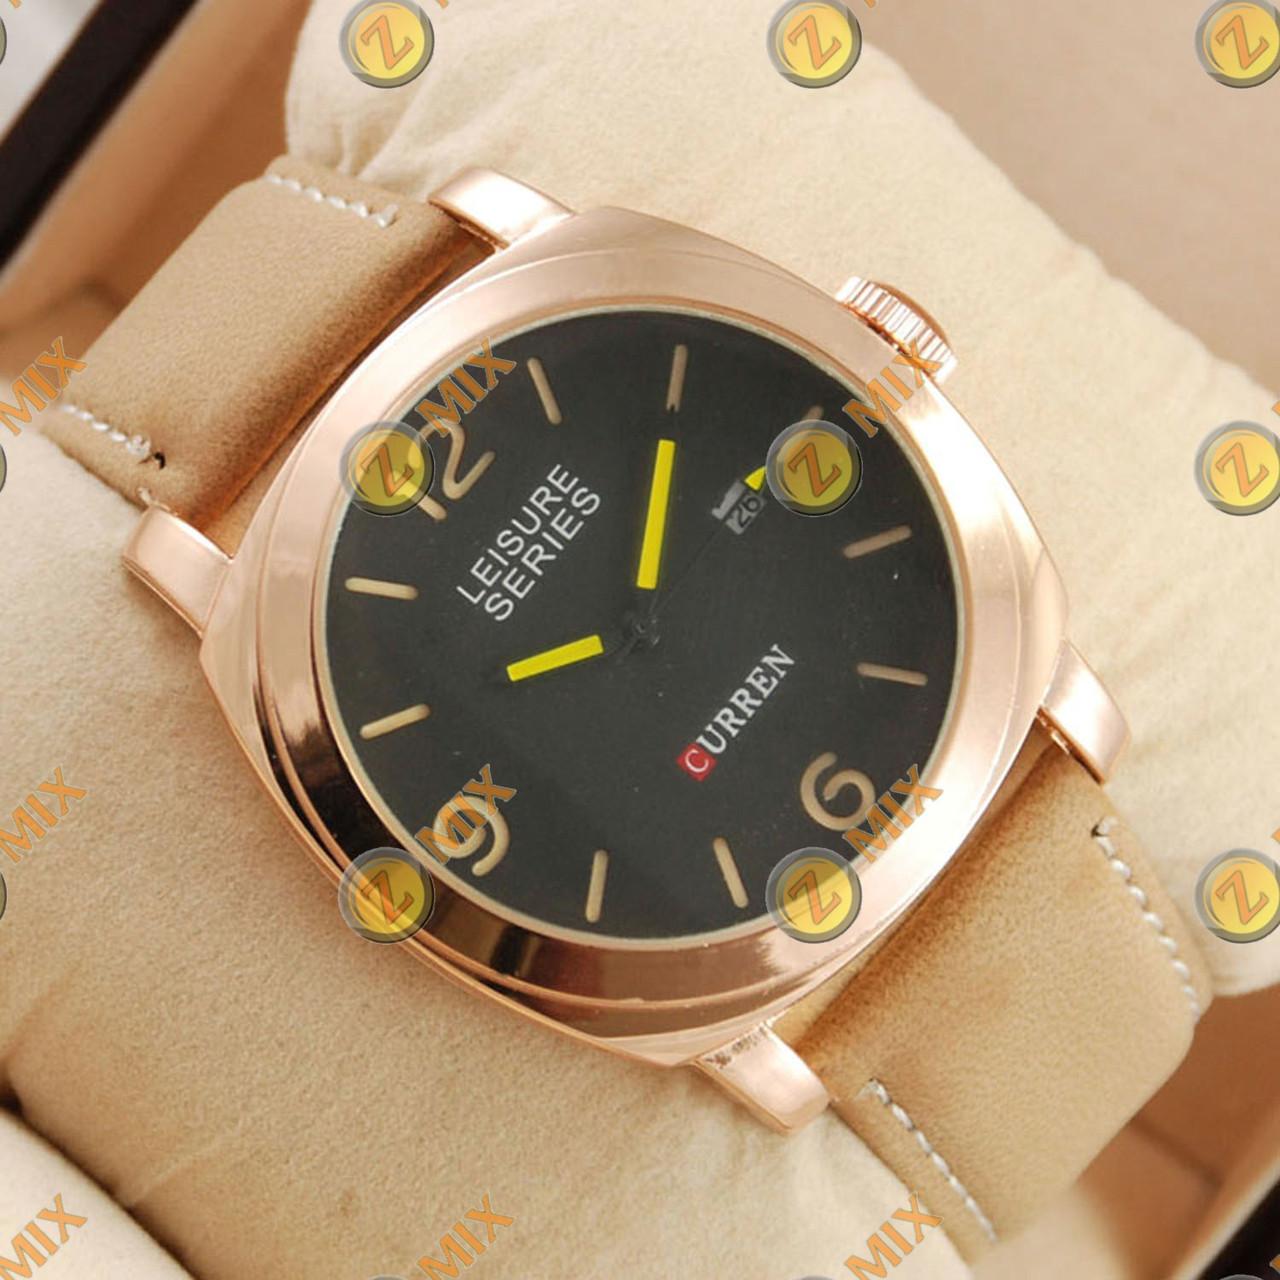 cb938c03 Часы Curren 1858 Gold/Black copy: продажа, цена в Киеве. часы ...